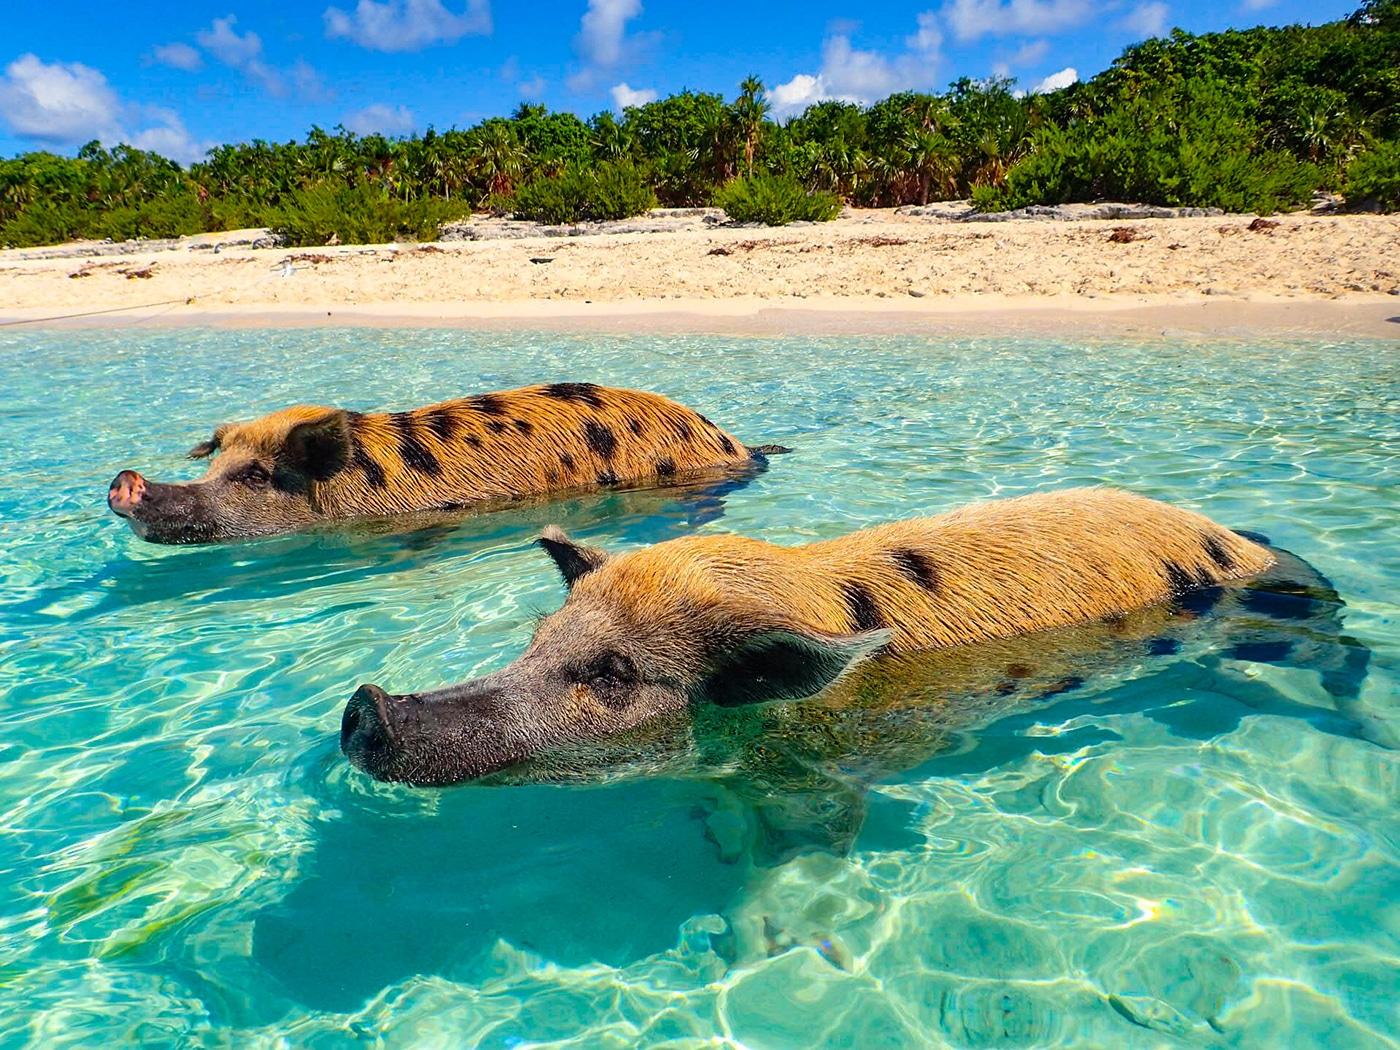 Schwimmende Schweine am Strand - Traumurlaub Bahamas -Urlaubsengel Reisebüro Weinheim